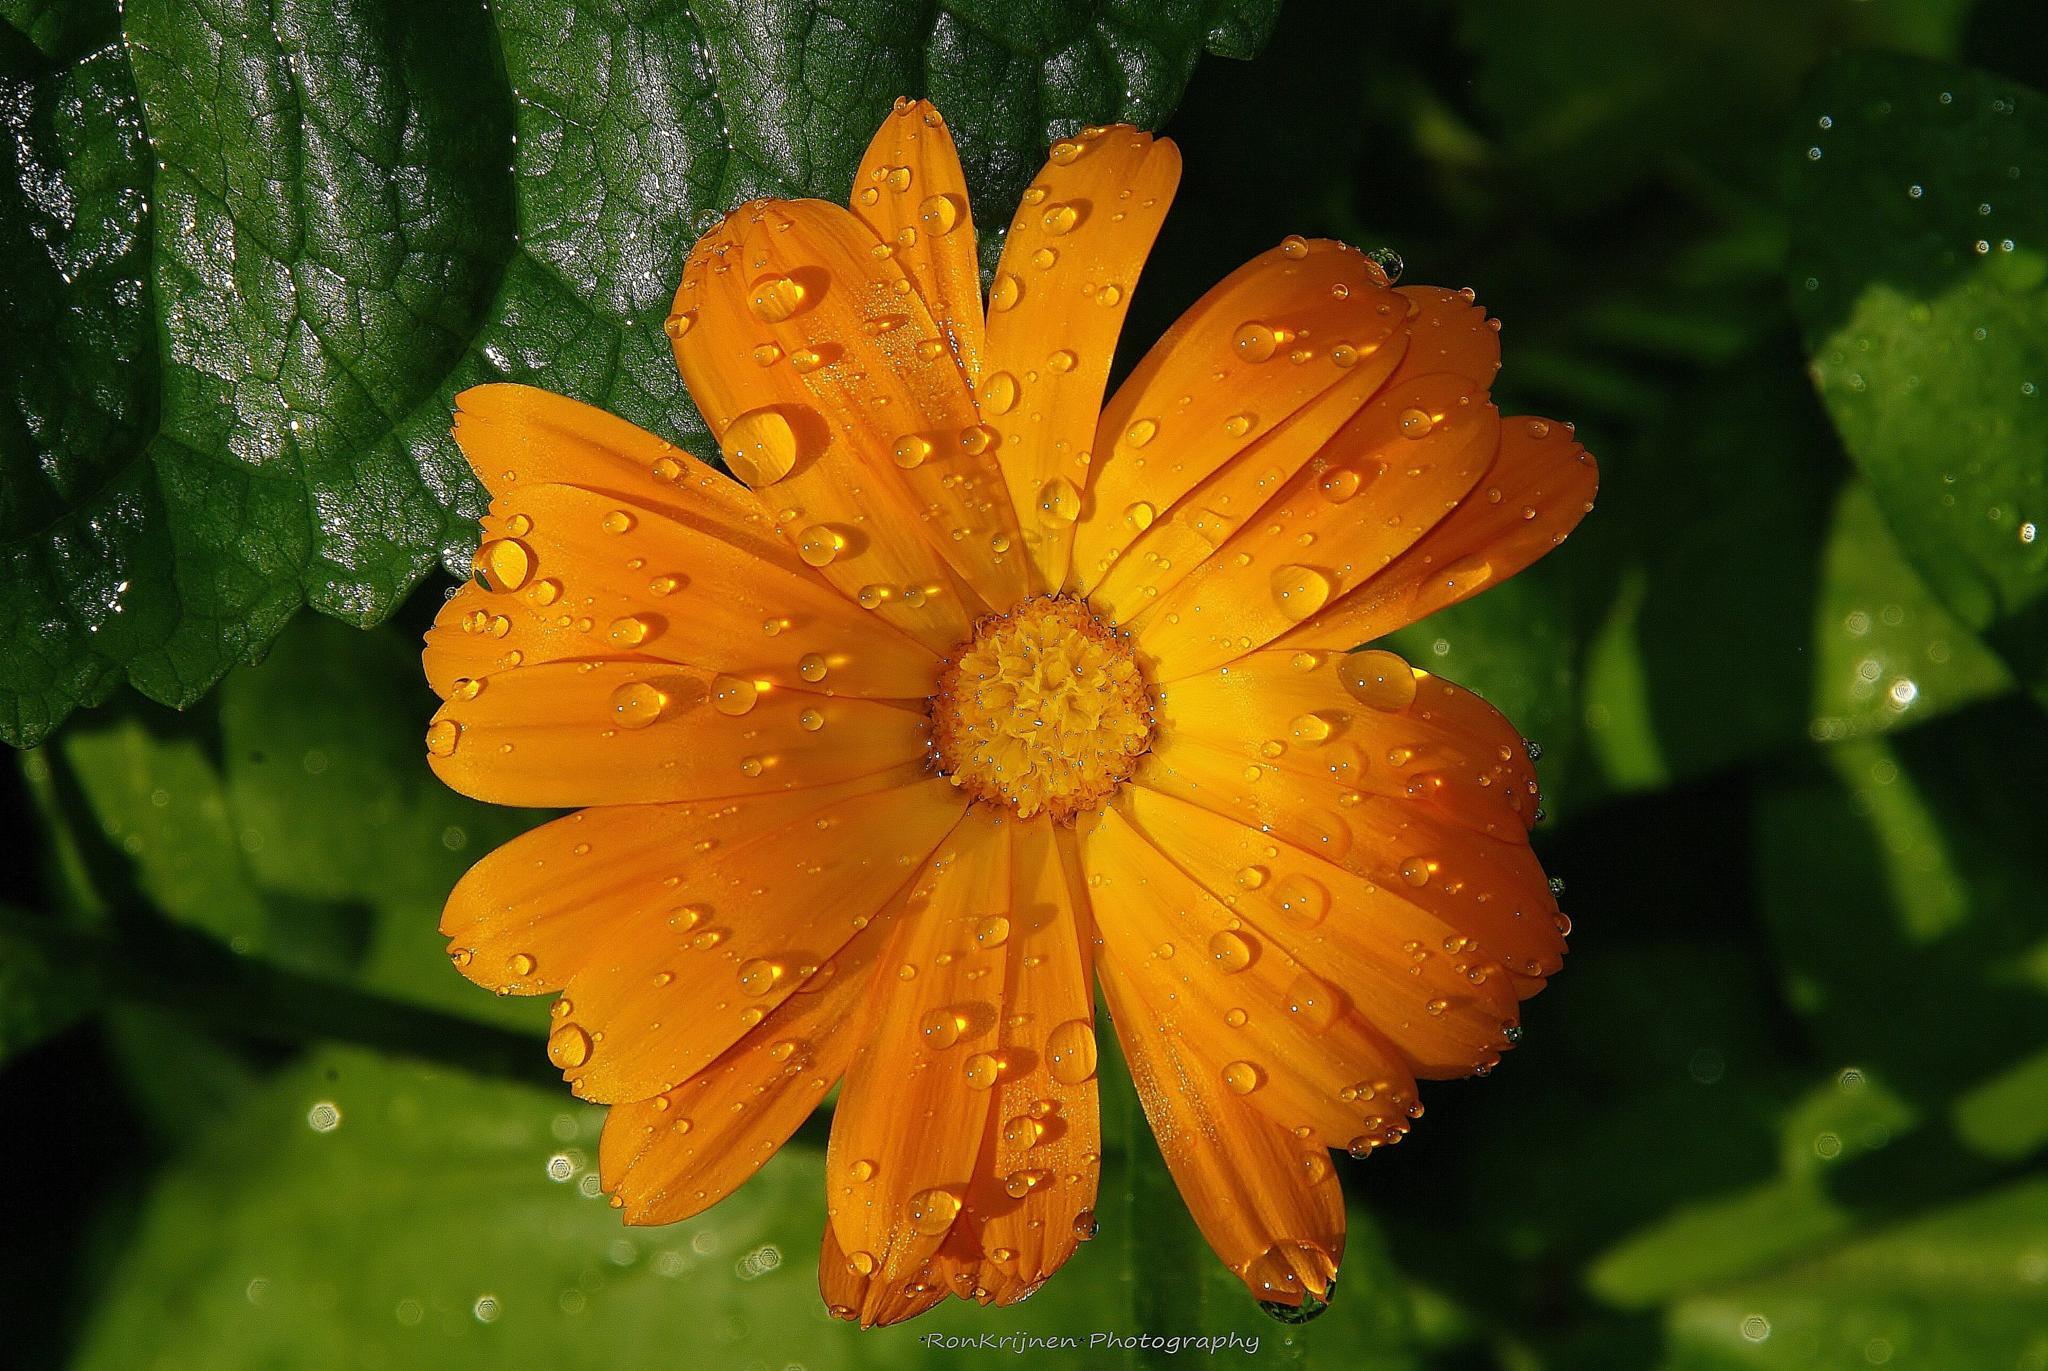 raindrops on a orange flower by ron.krijnen